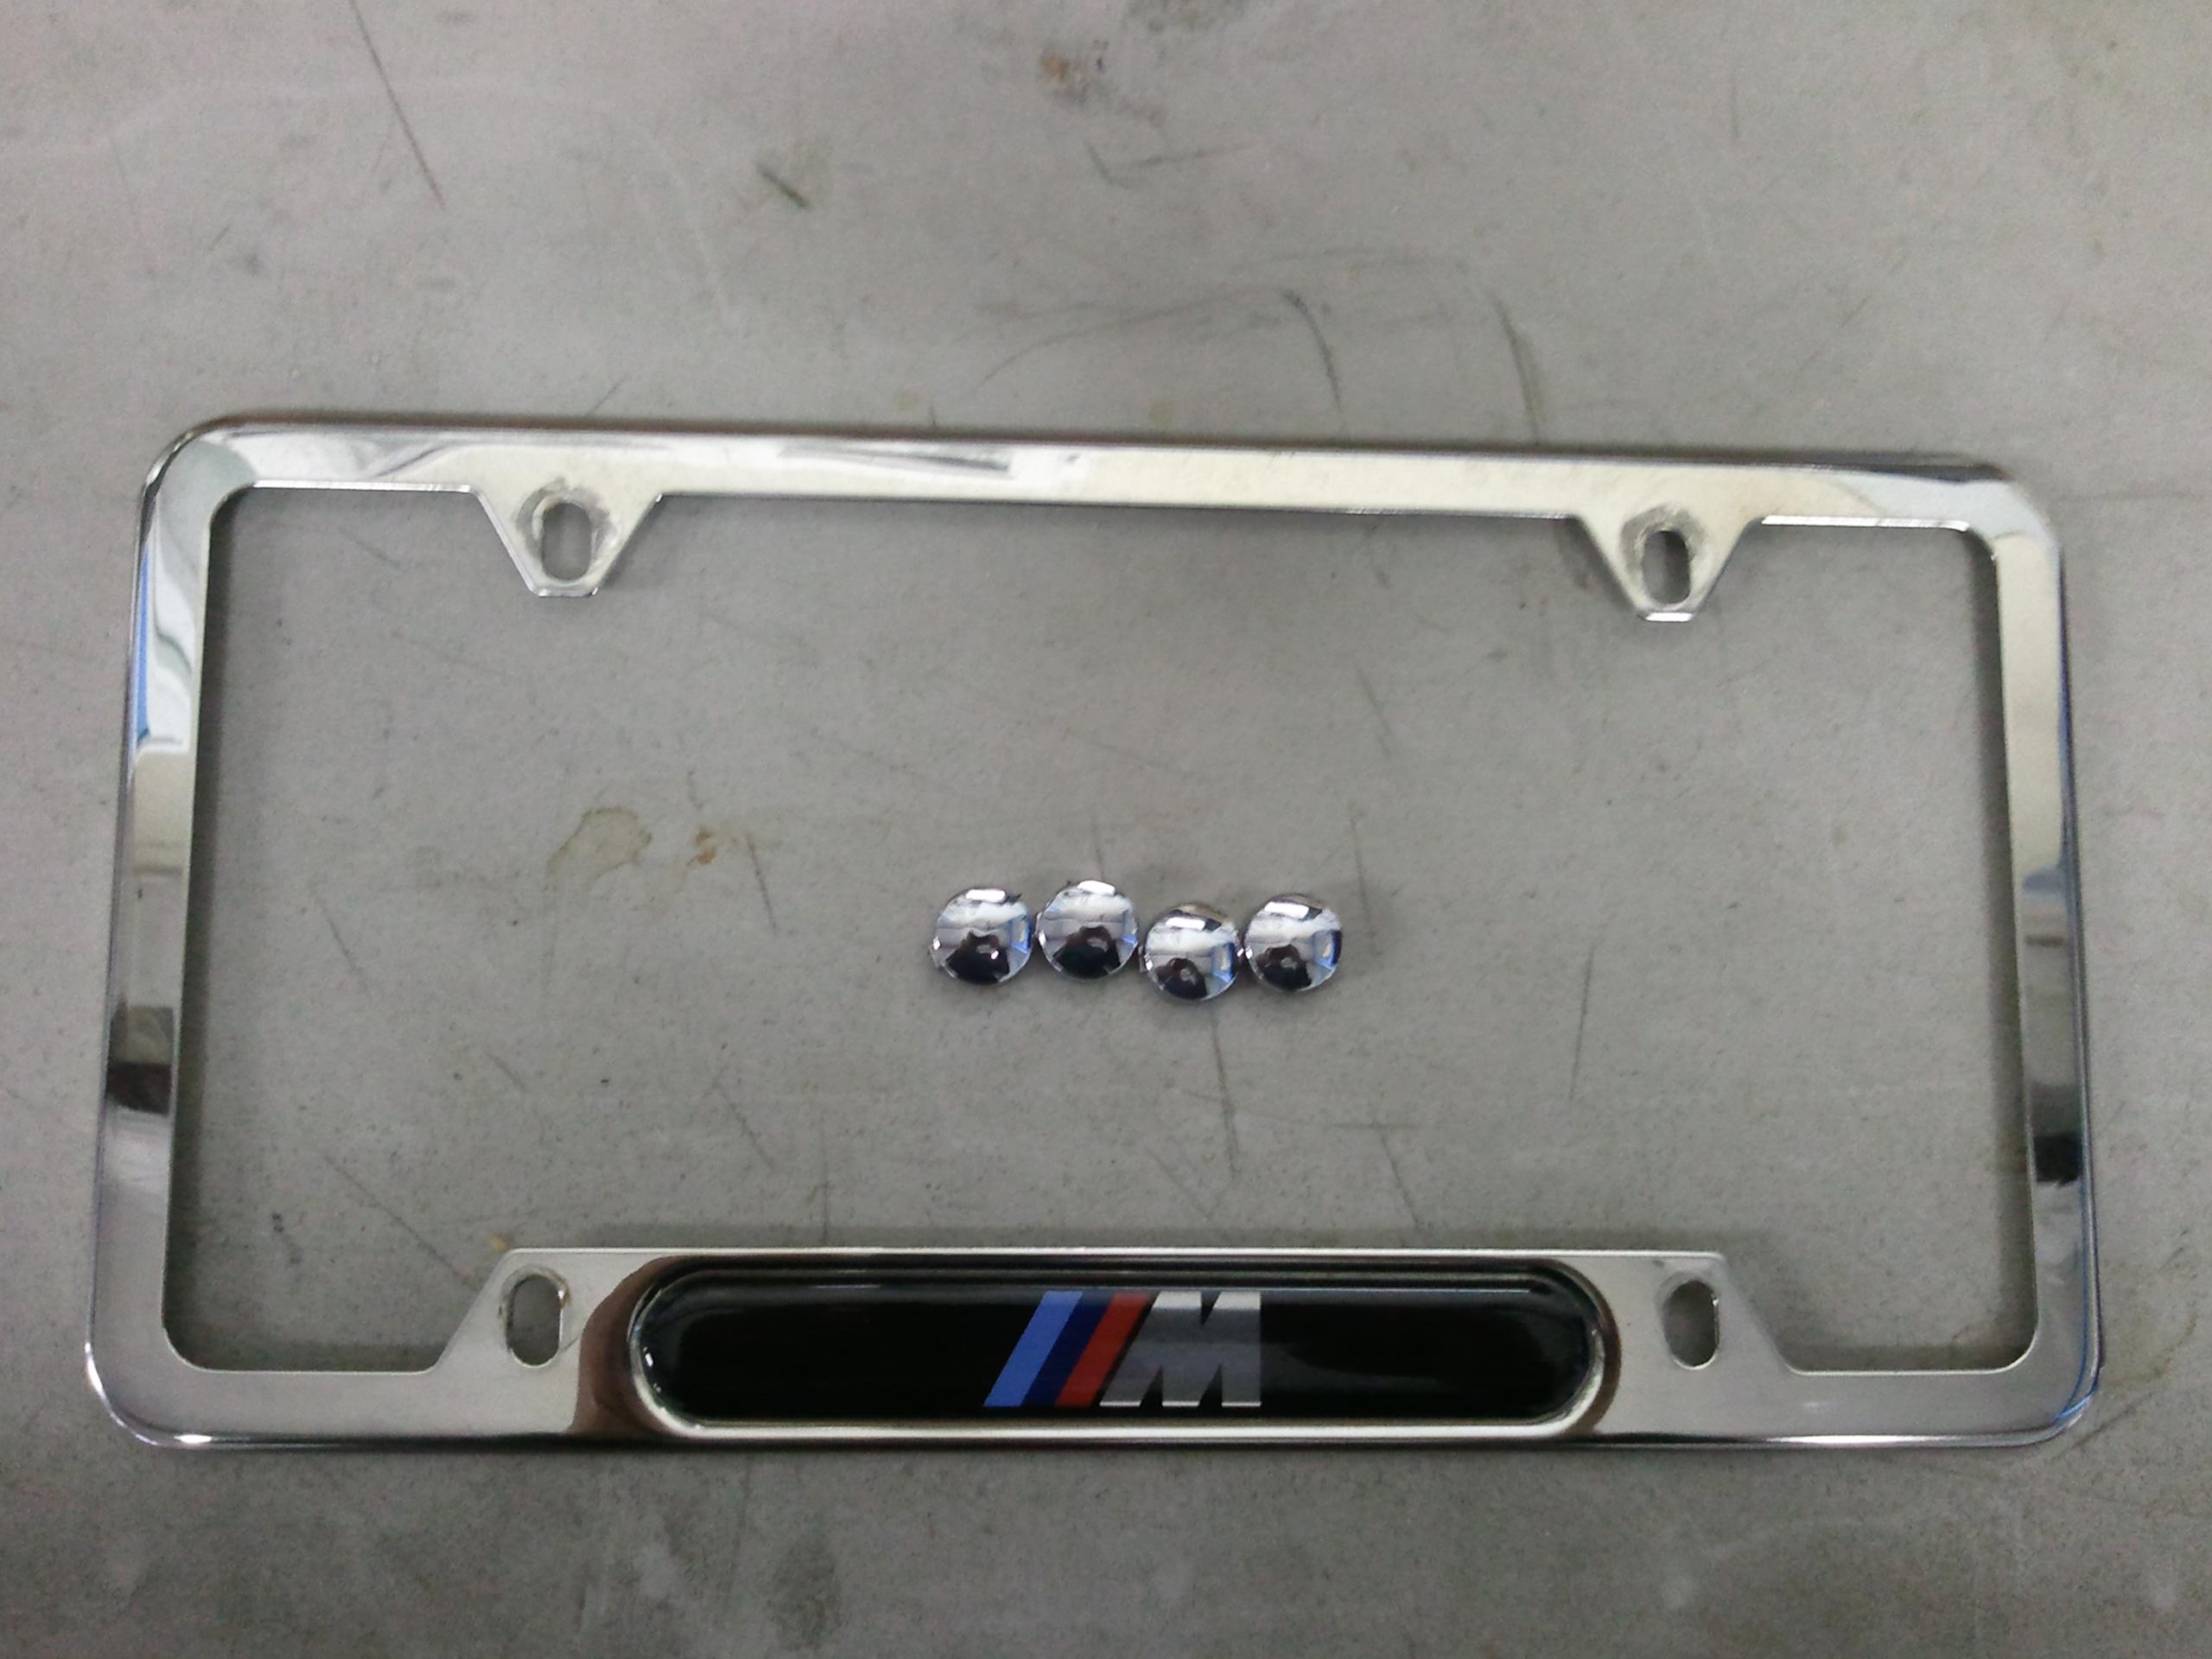 E39 (96-03) For Sale BMW ///M license plate frame. (Chrome) - BMW M5 ...